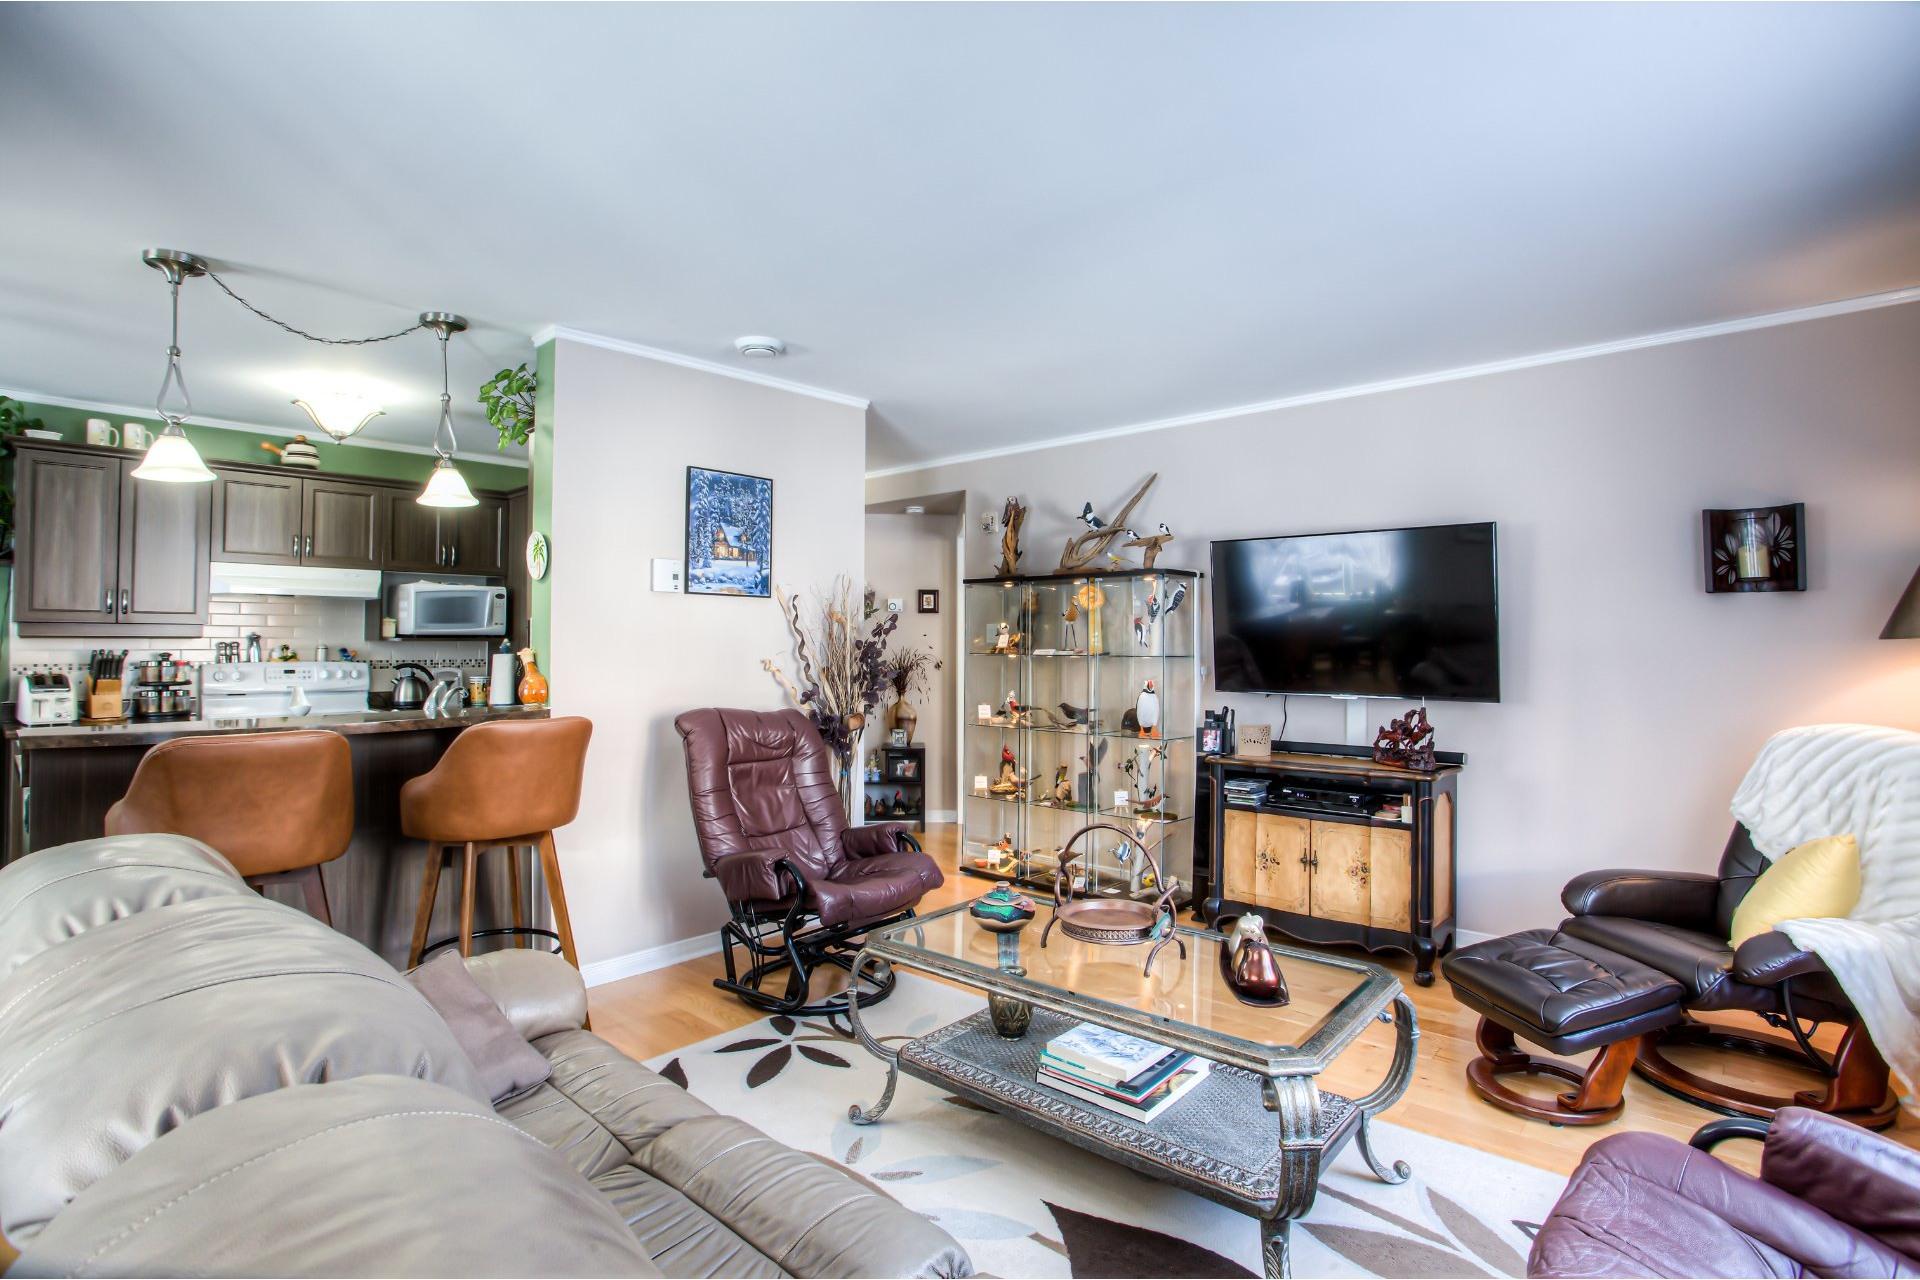 image 5 - Appartement À vendre Vaudreuil-Dorion - 7 pièces